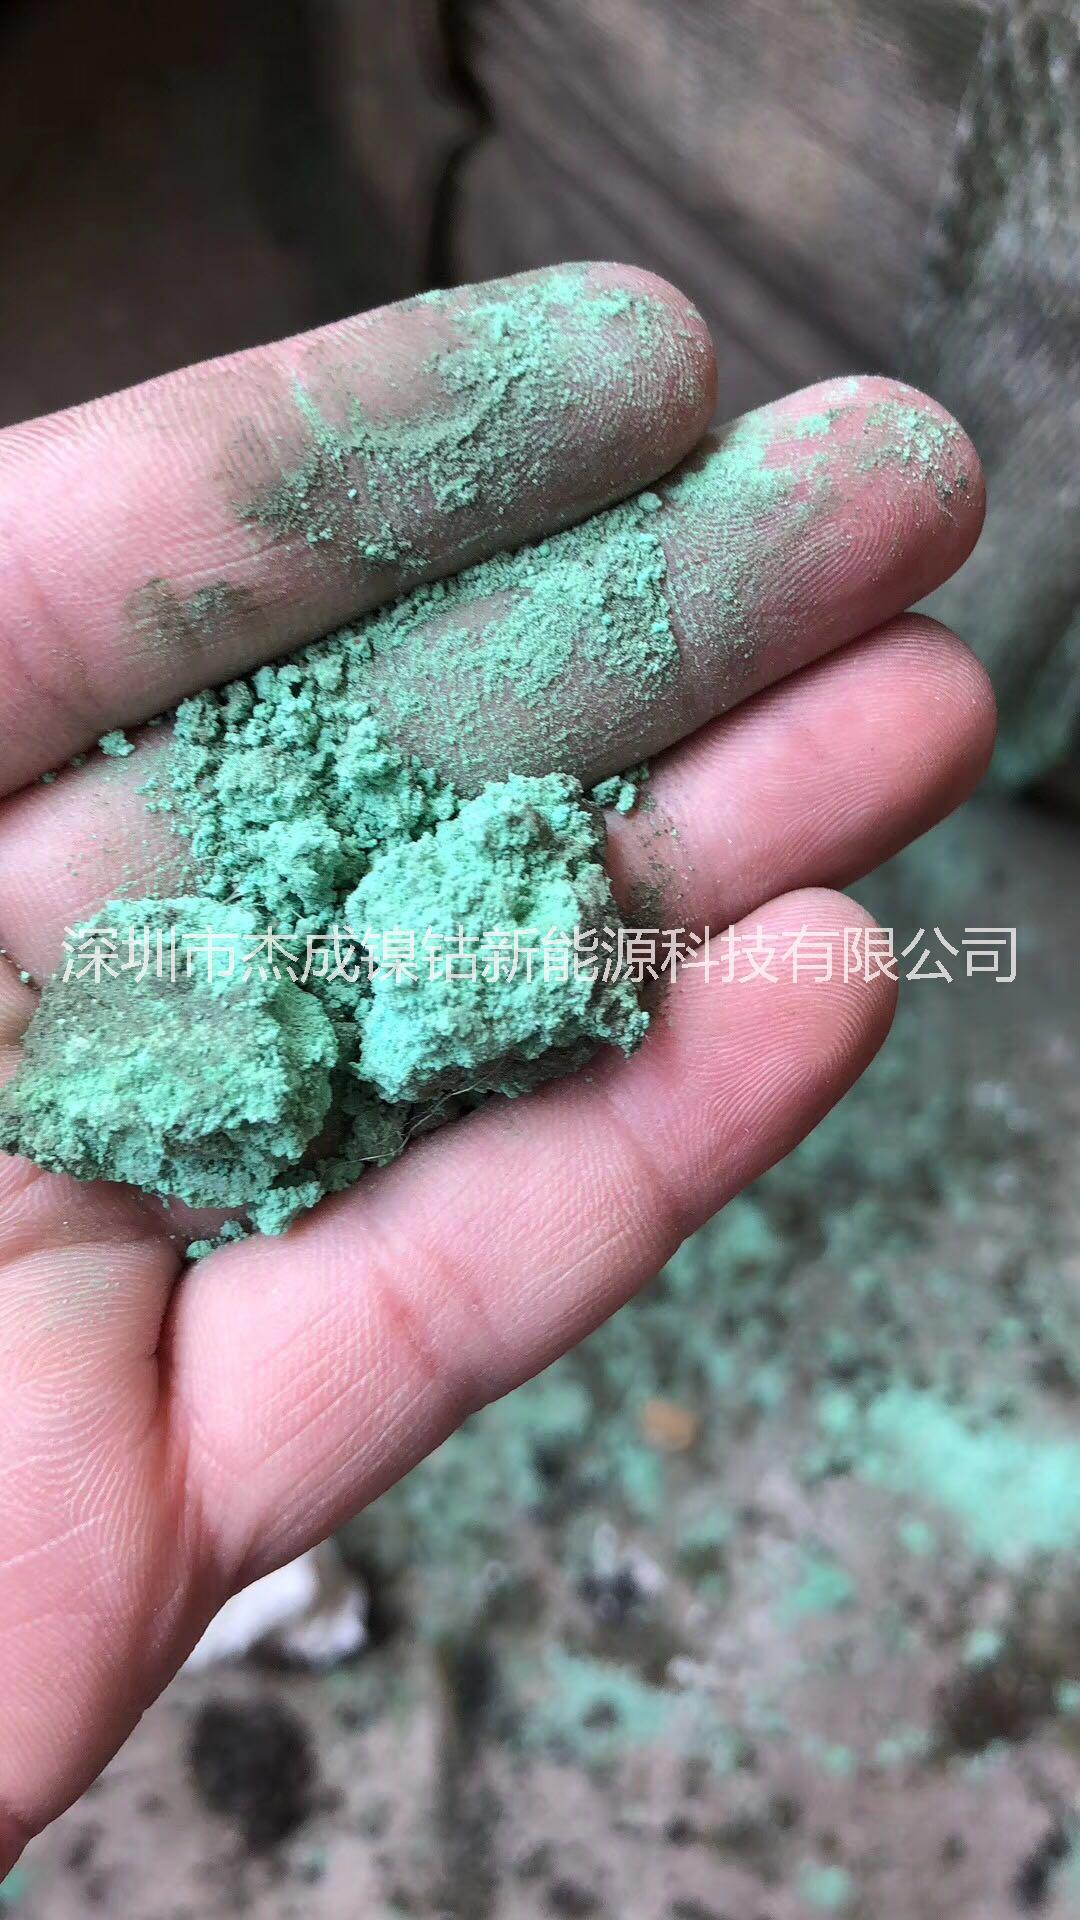 镍粉回收_珠海镍粉回收电话_珠海镍粉回收公司_珠海回收镍粉